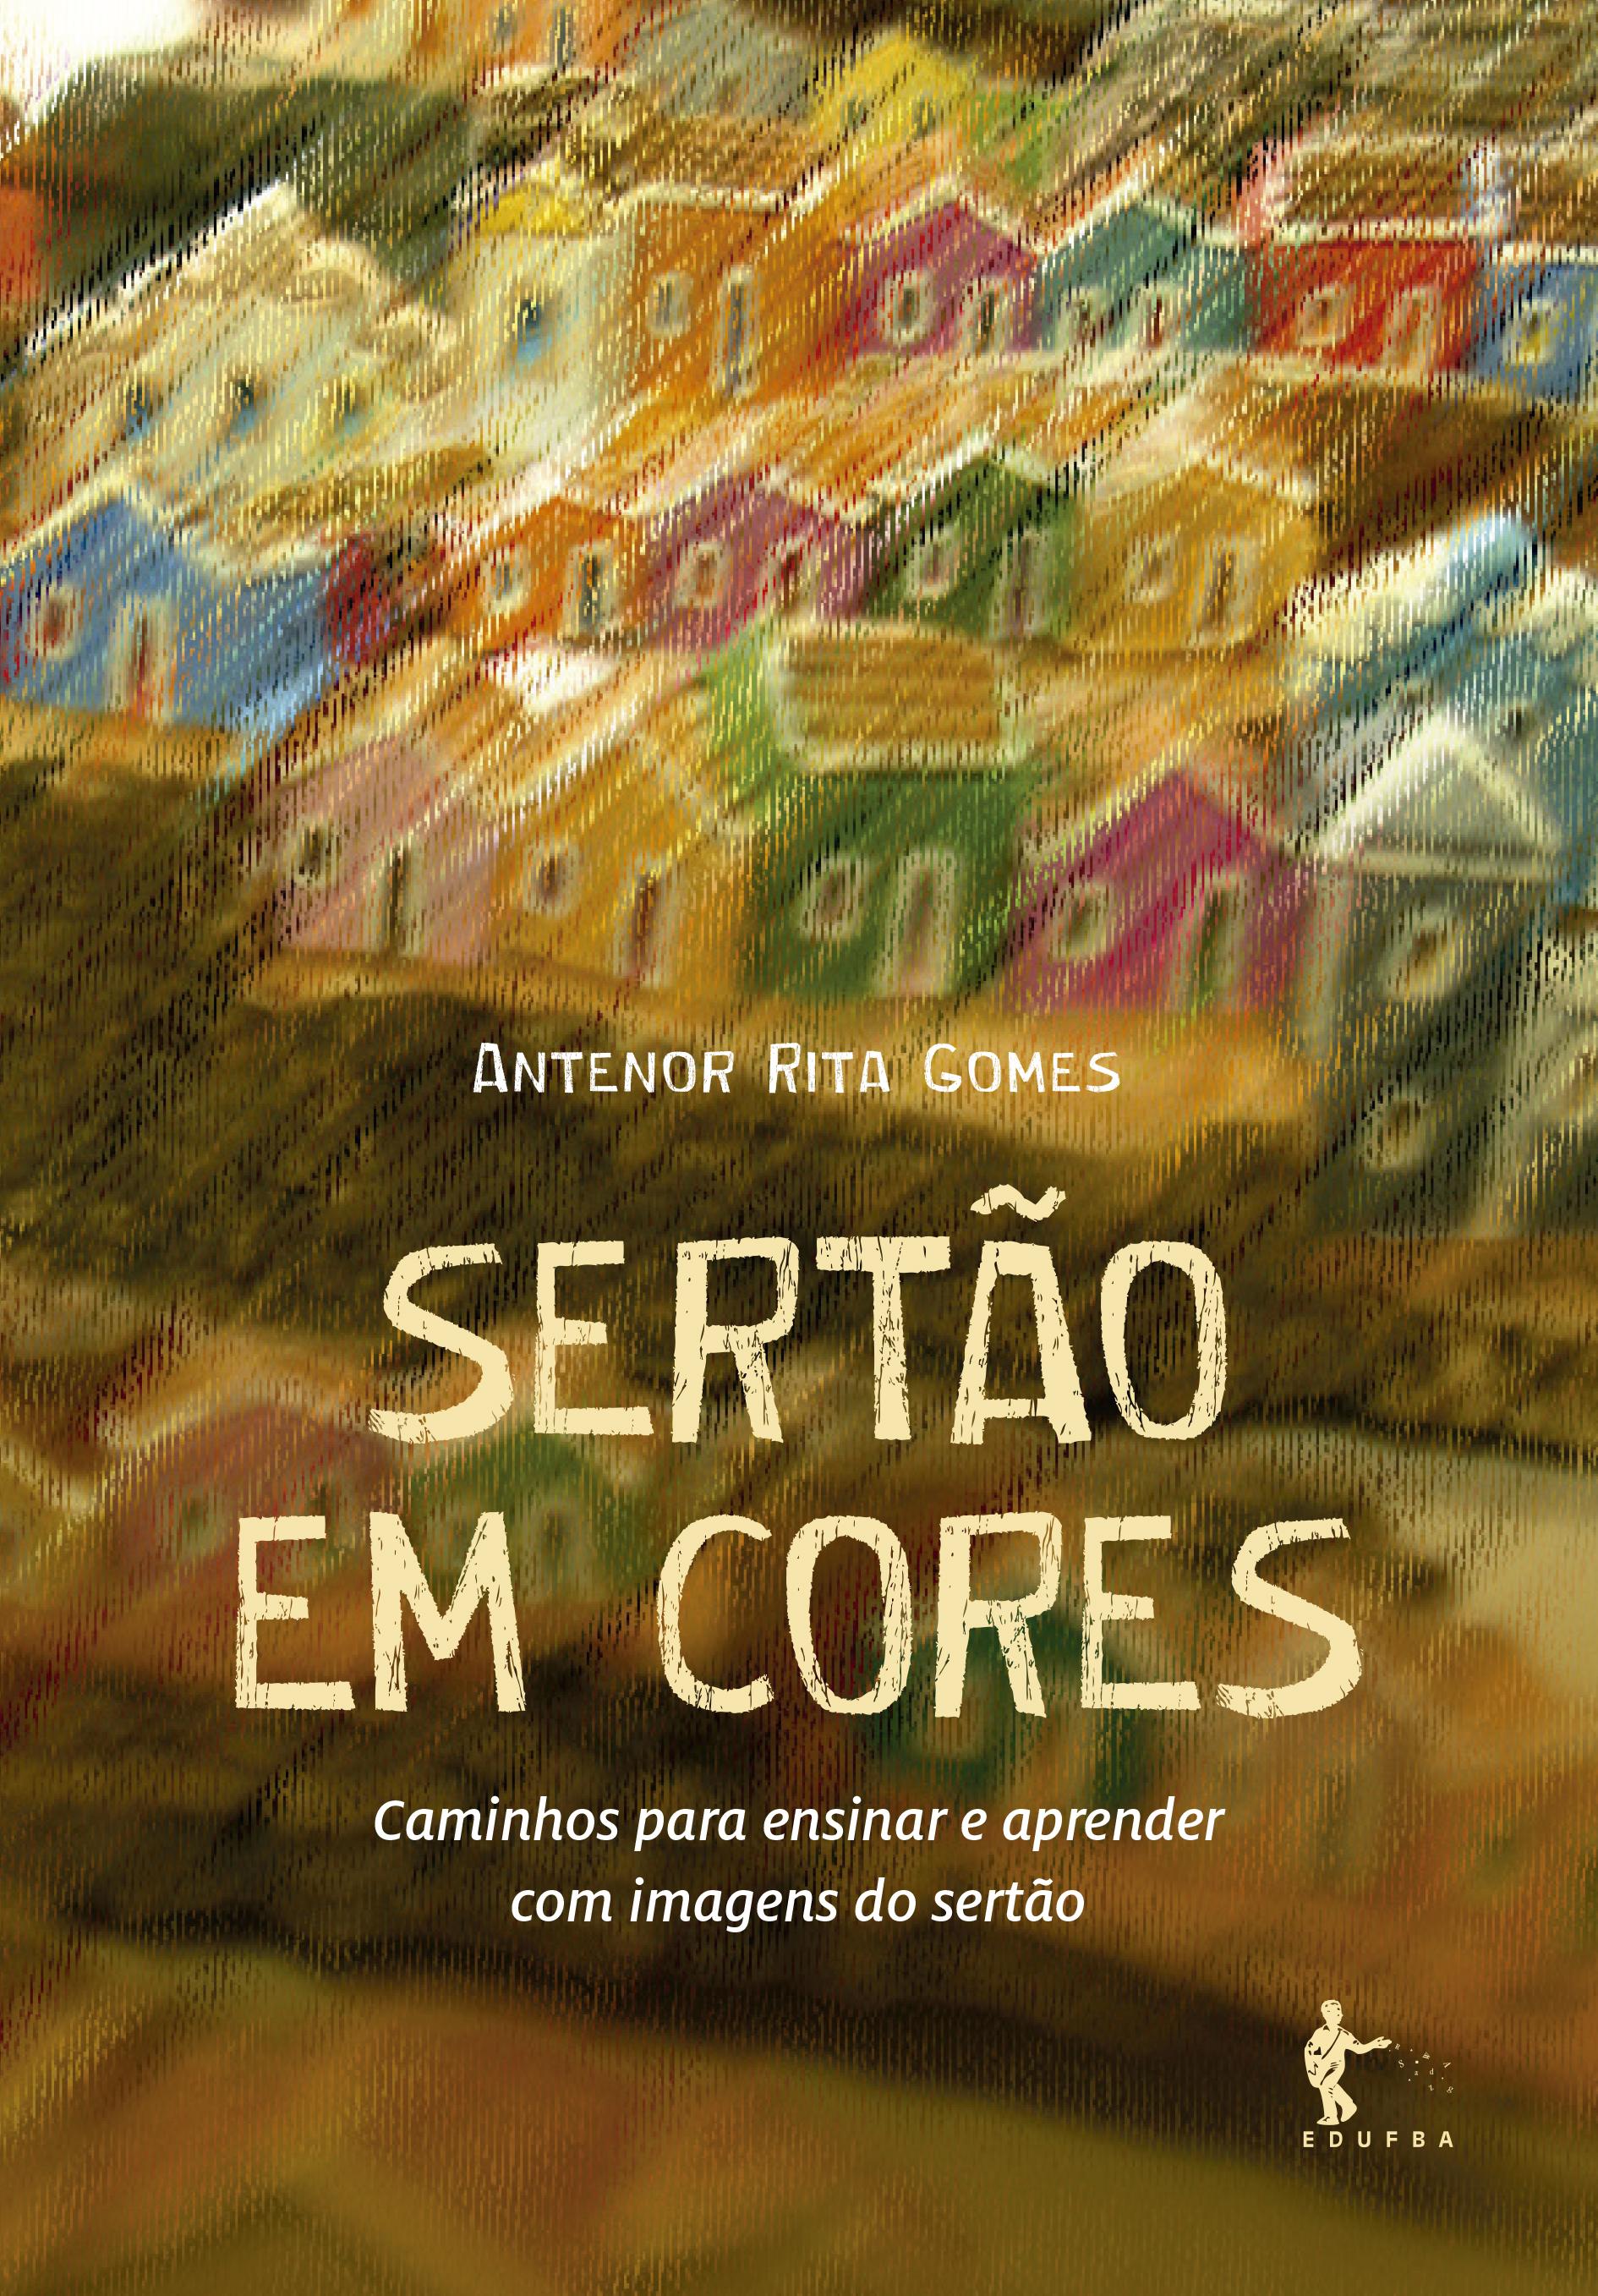 Sertão em cores: caminhos para ensinar e aprender com imagens do sertão, livro de Antenor Rita Gomes